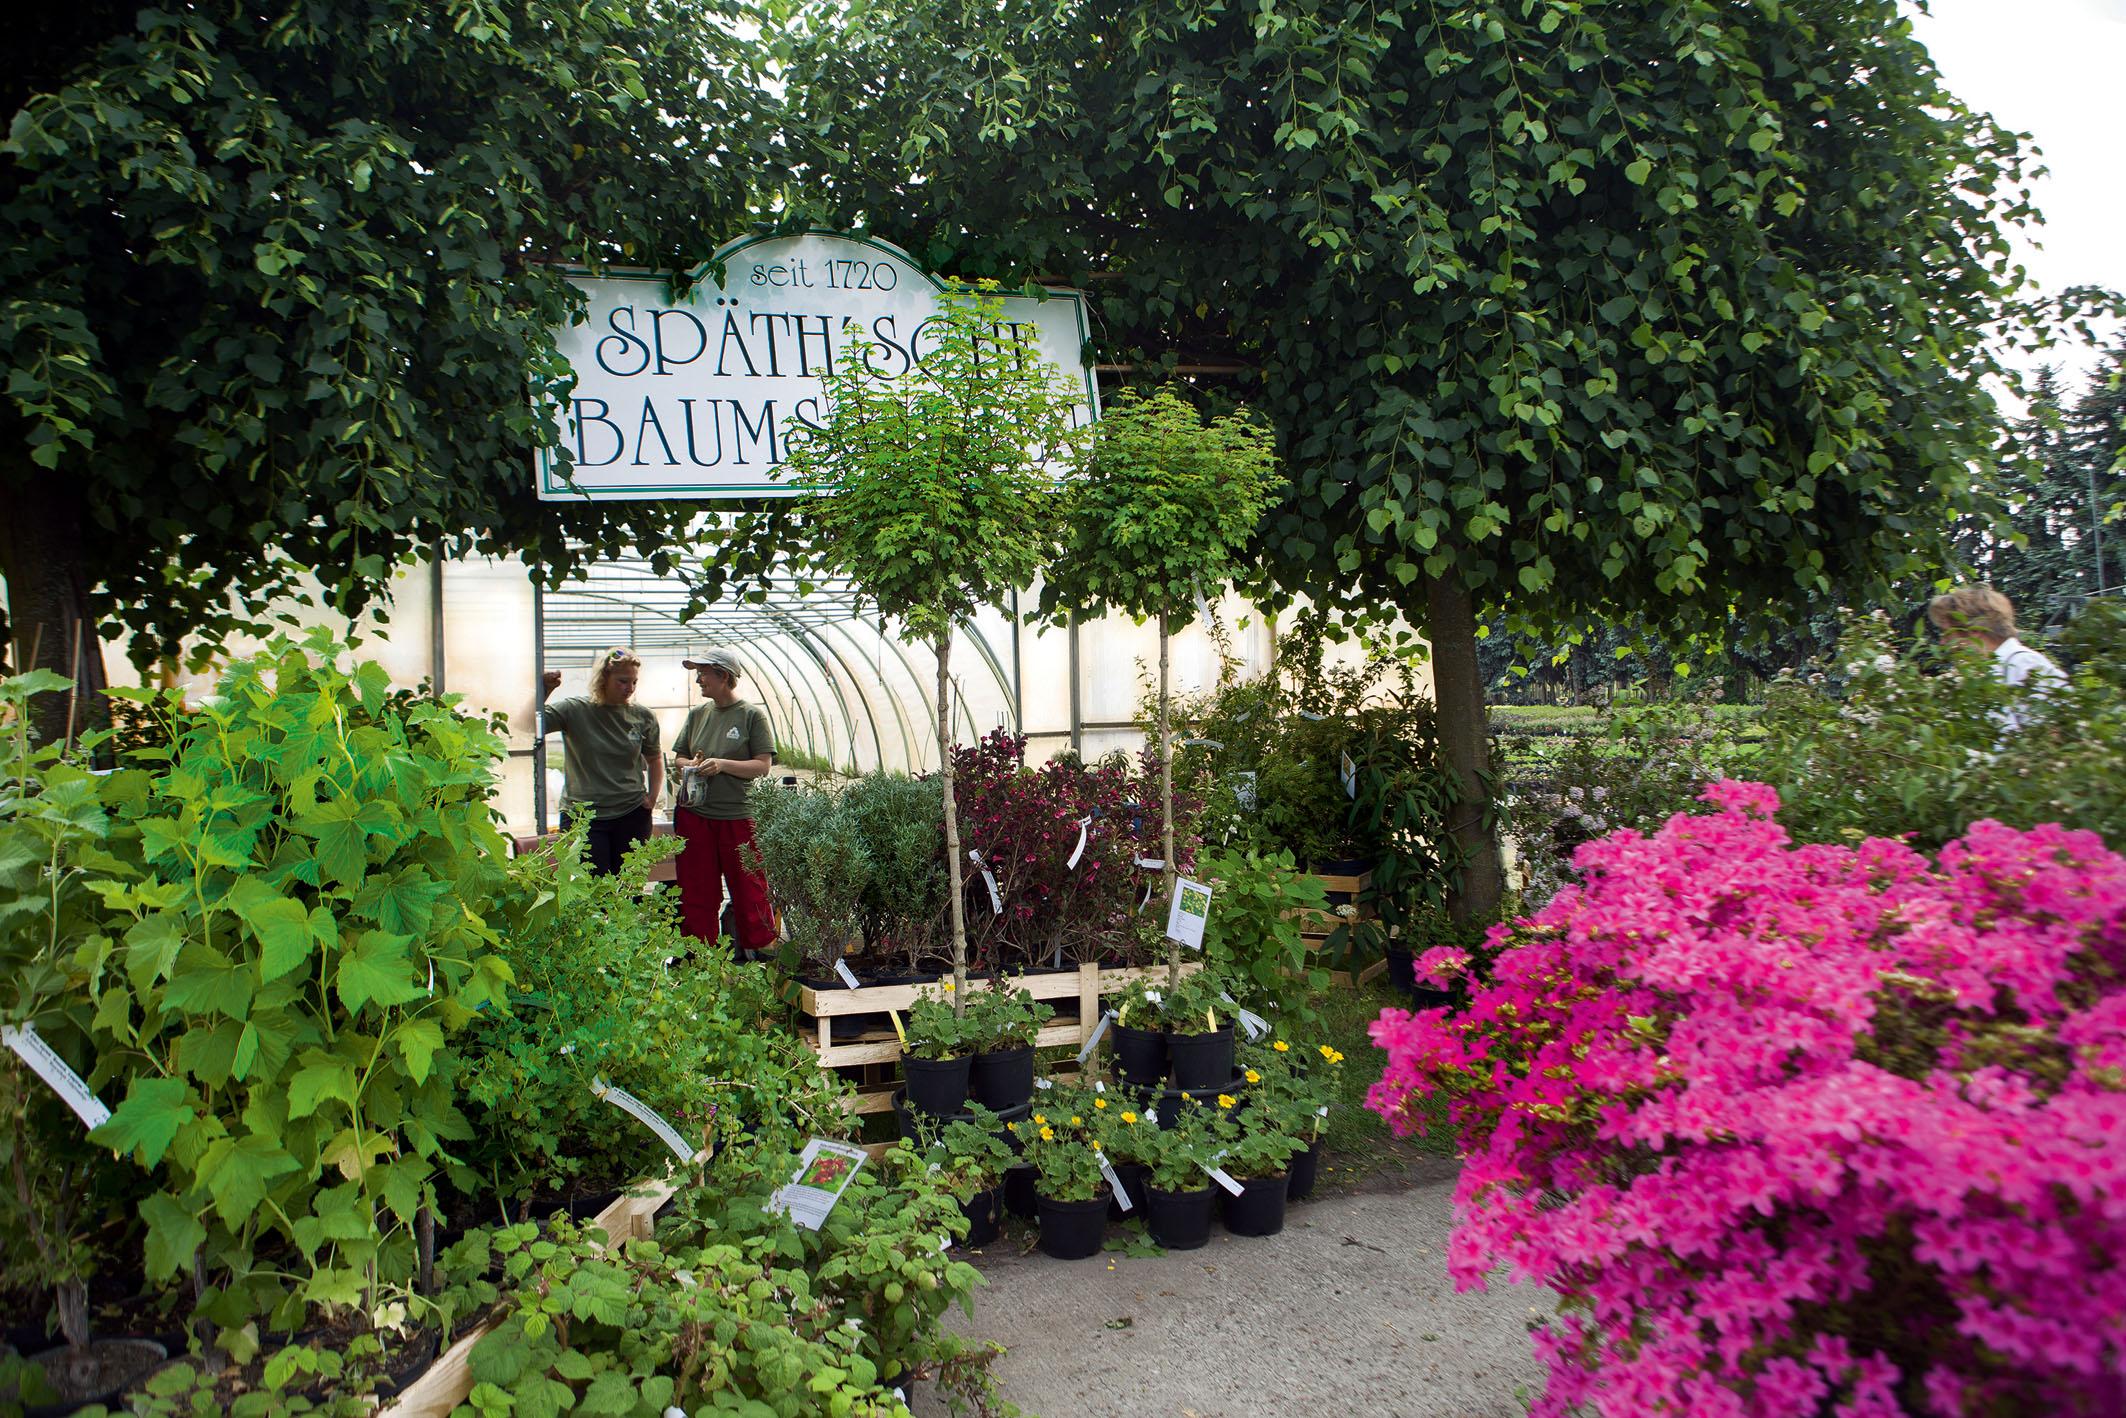 Verkauf von Pflanzen vor großem Gärtner-Folienzelt, Schild mit Aufschrift: Späth'sche Baumschulen - seit 1720